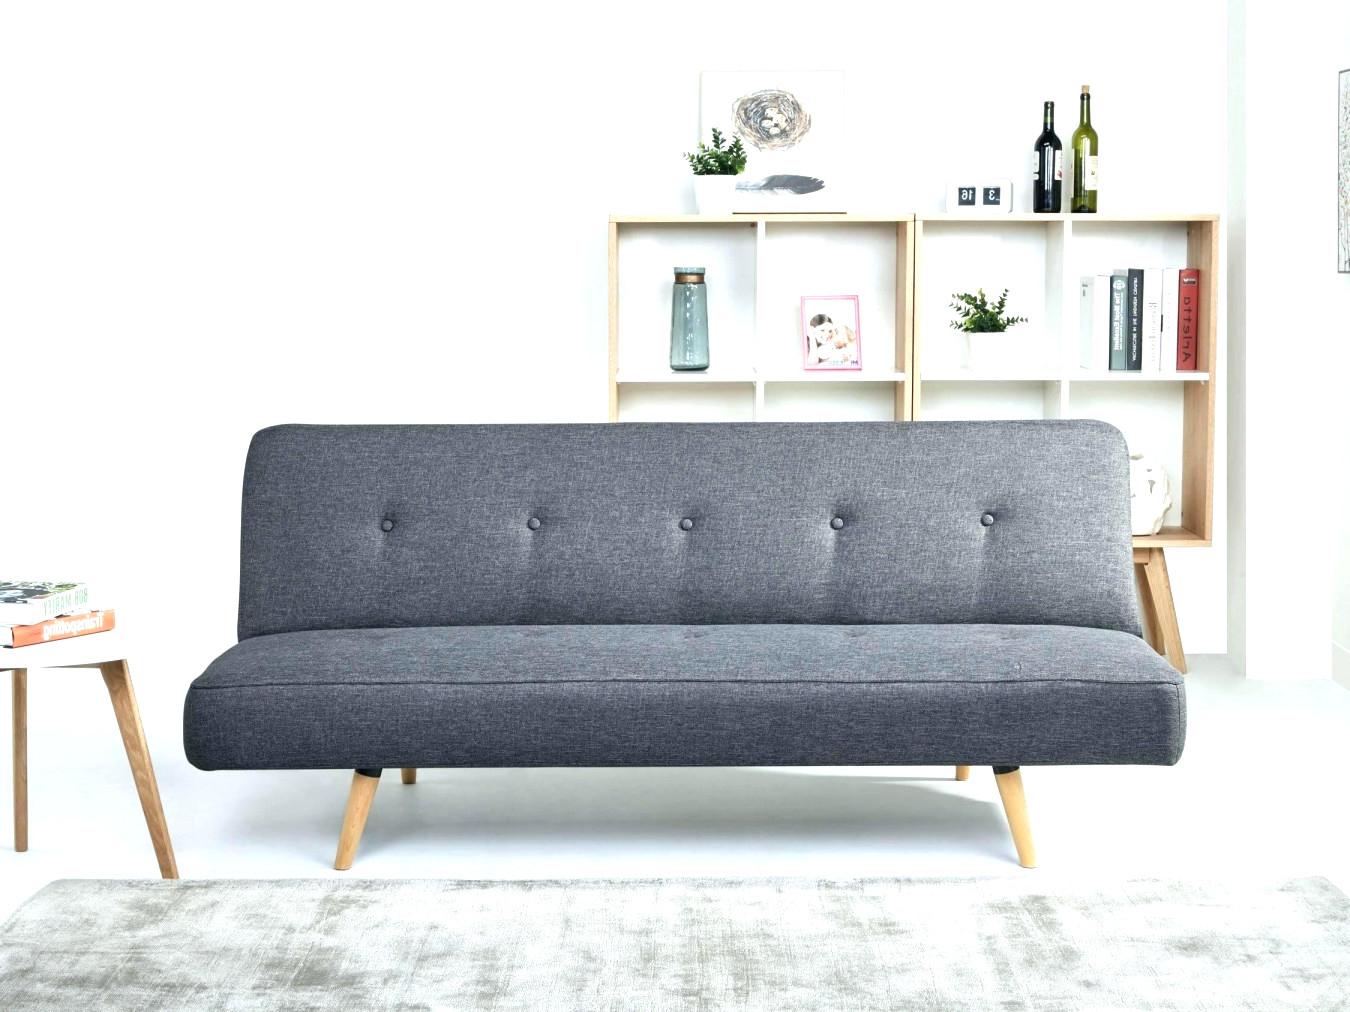 Lit Canapé Escamotable Ikea Luxe Galerie 23 Beau En Ligne Lit Escamotable Avec Canap Inspiration Maison Avec